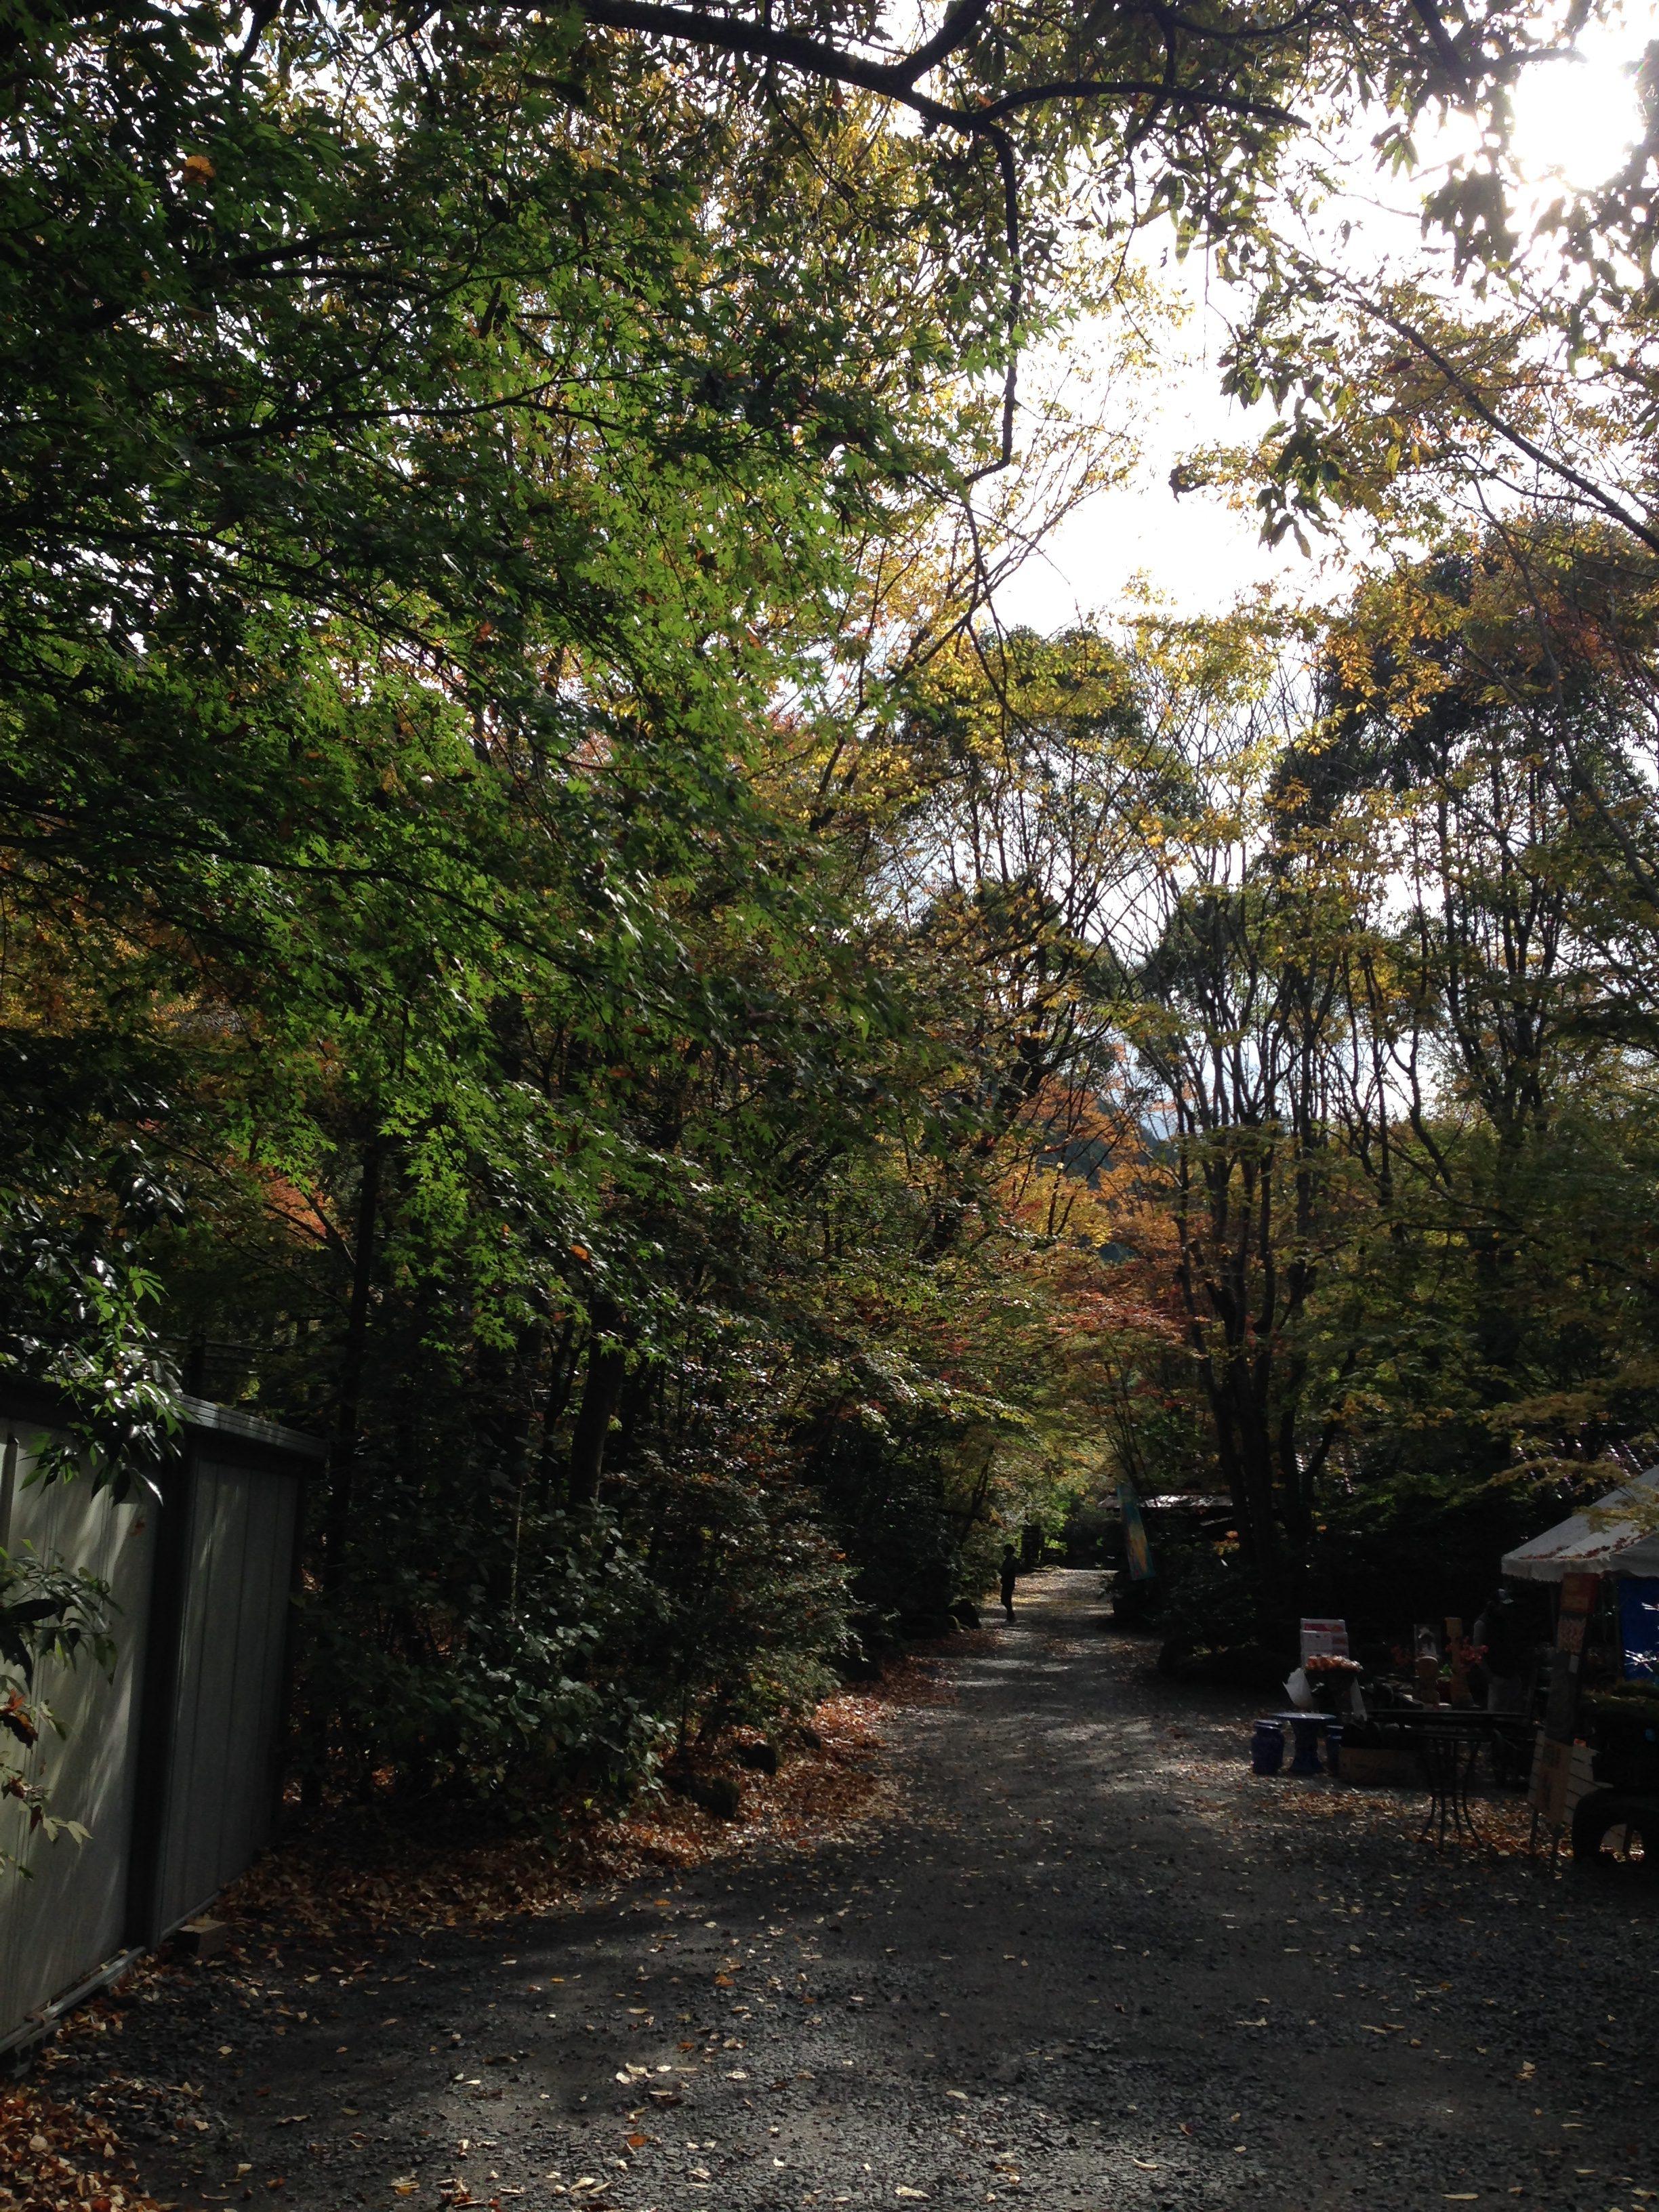 【日田 琴ひら温泉】秋のお出かけはやっぱり温泉と紅葉のセットが大好きっ。